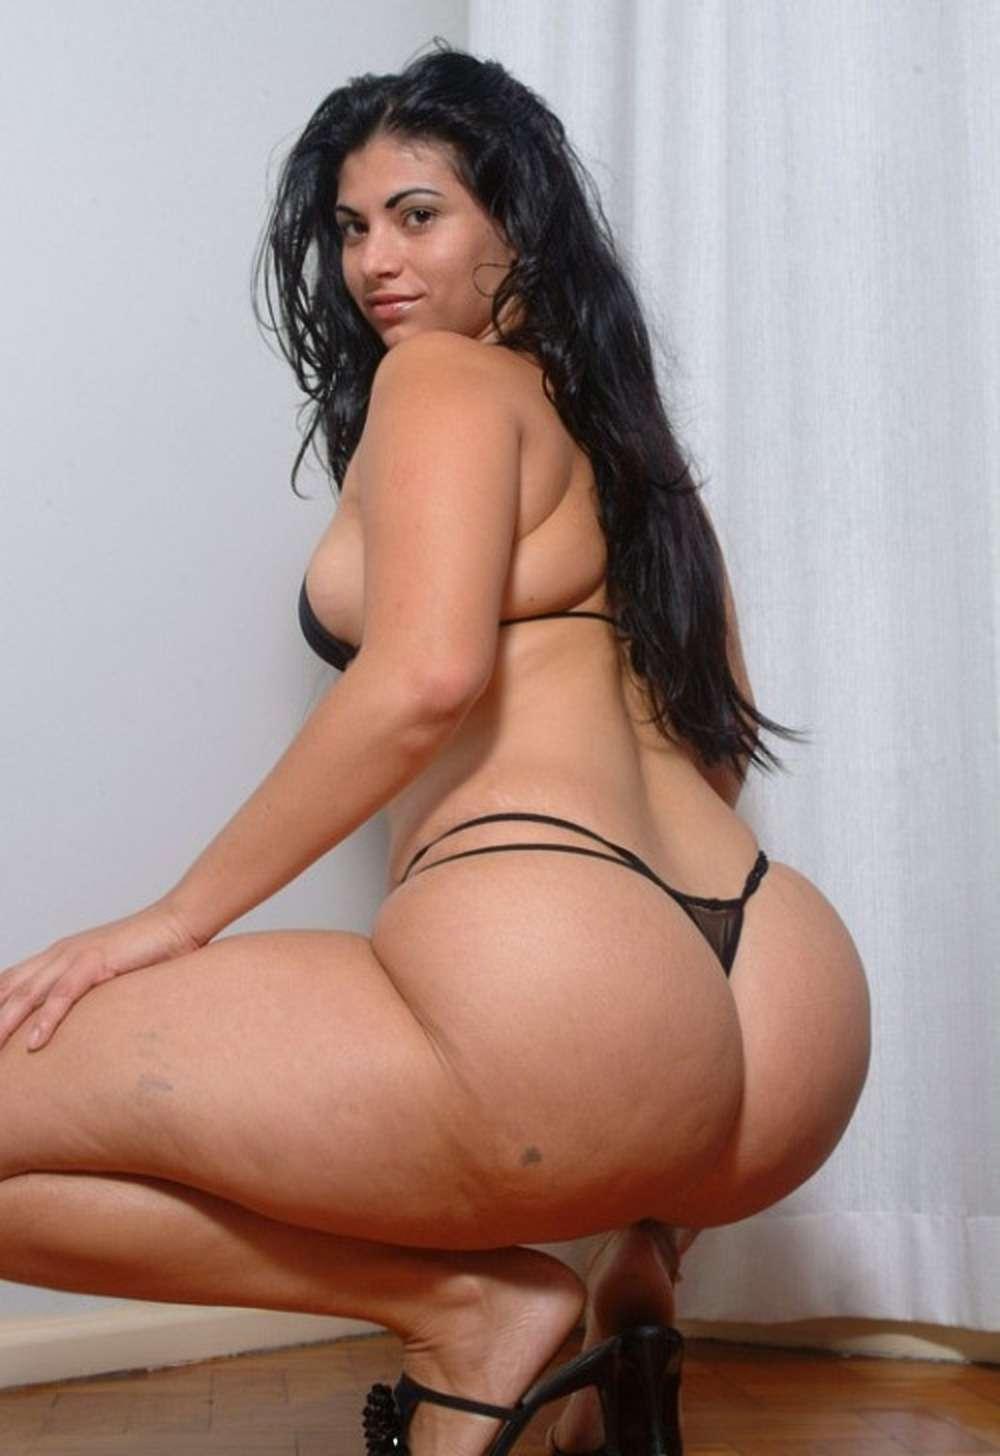 мексиканки фото жопястые голые